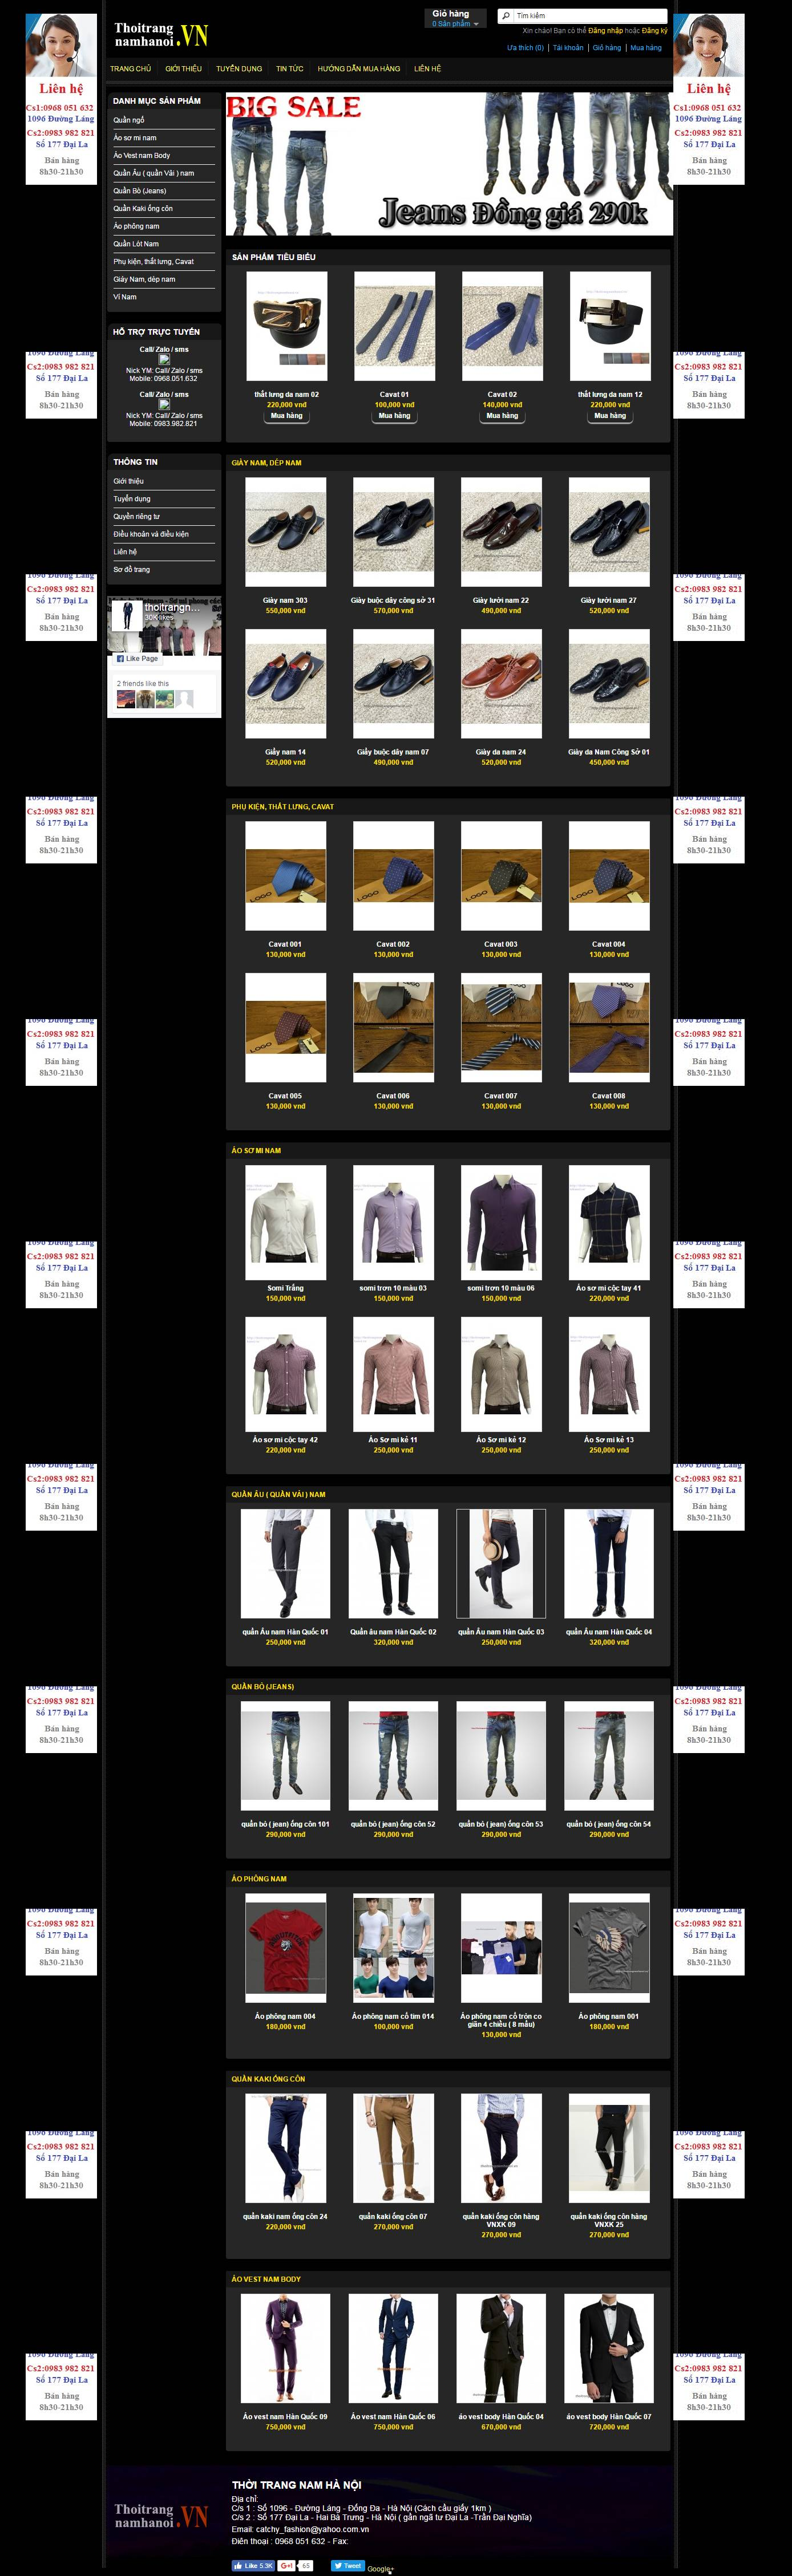 Thiết kế website thời trang nam Hà Nội đẹp, chuyên nghiệp chuẩn SEO